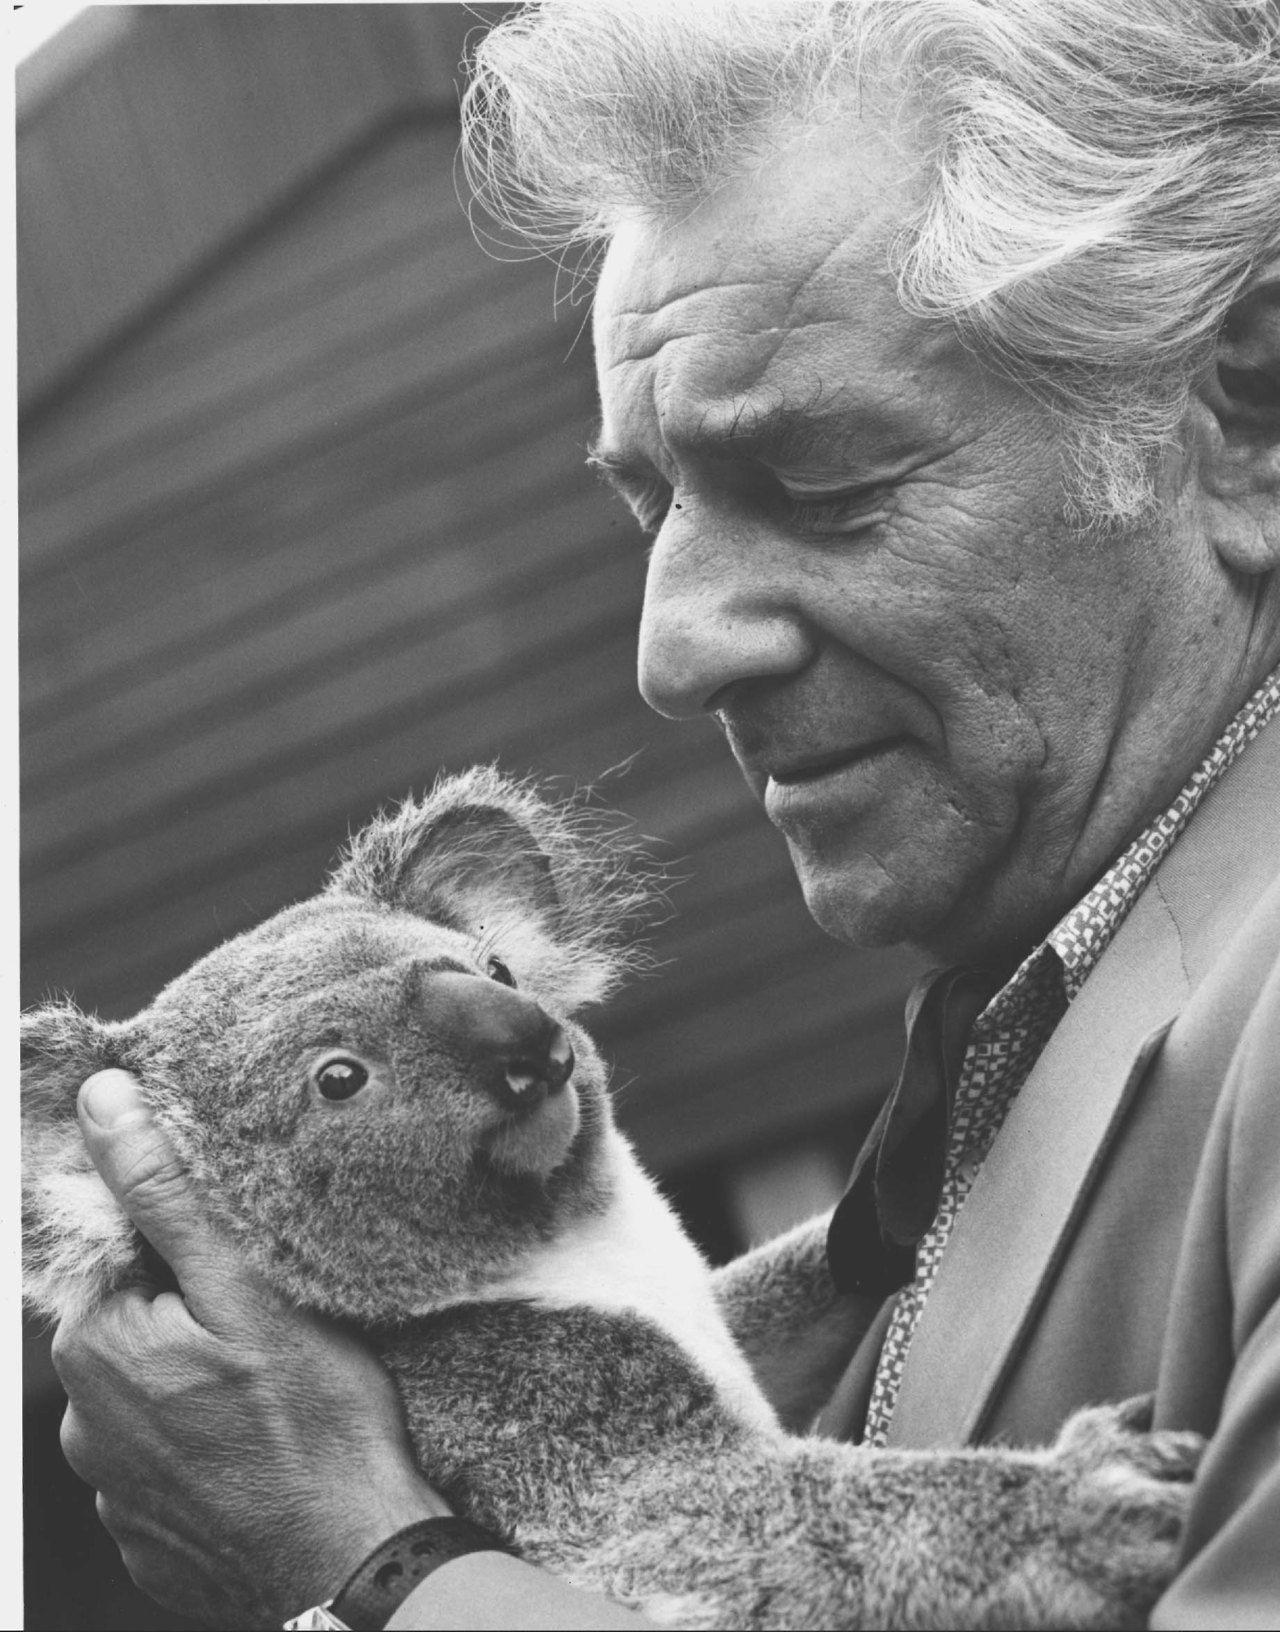 nyphil lenny down under leonard bernstein holding a koala bear nyphil lenny down under leonard bernstein holding a koala bear